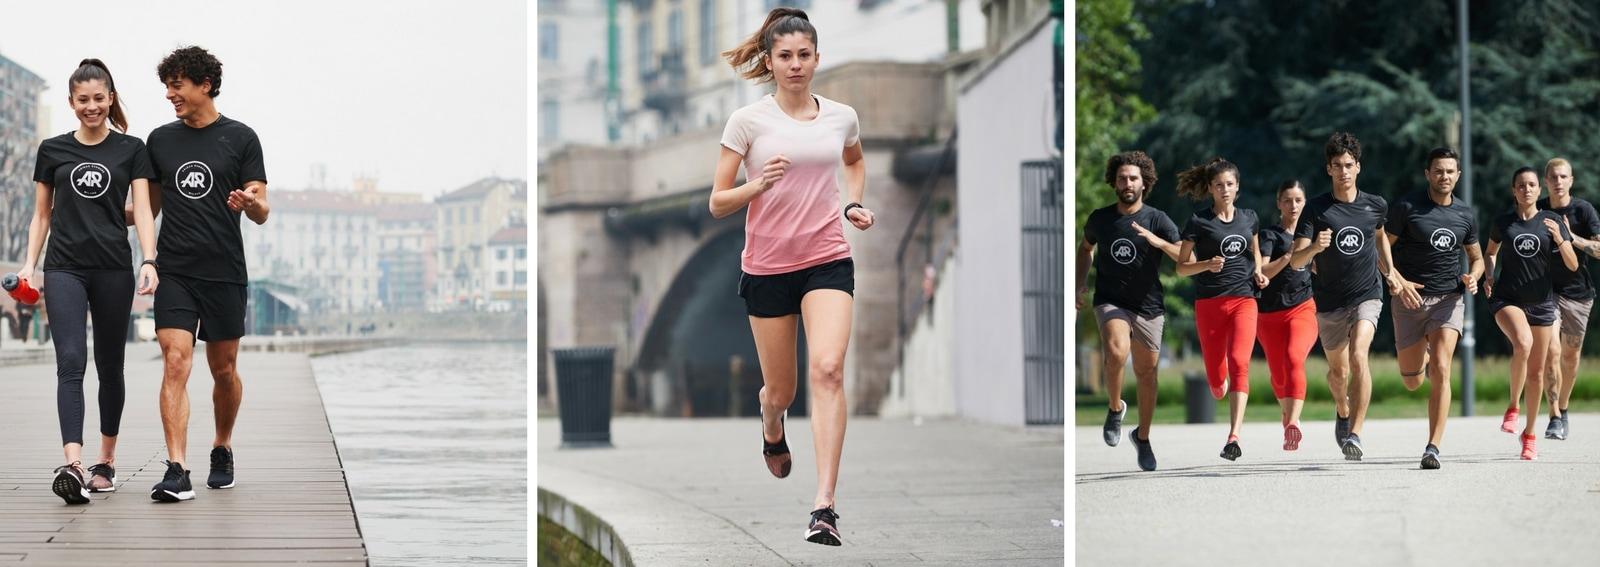 Milano-running-dove-correre-posti-cool-corsa-citta-parco-ciclabile-montestella-idroscalo-parco-sempione-DESK